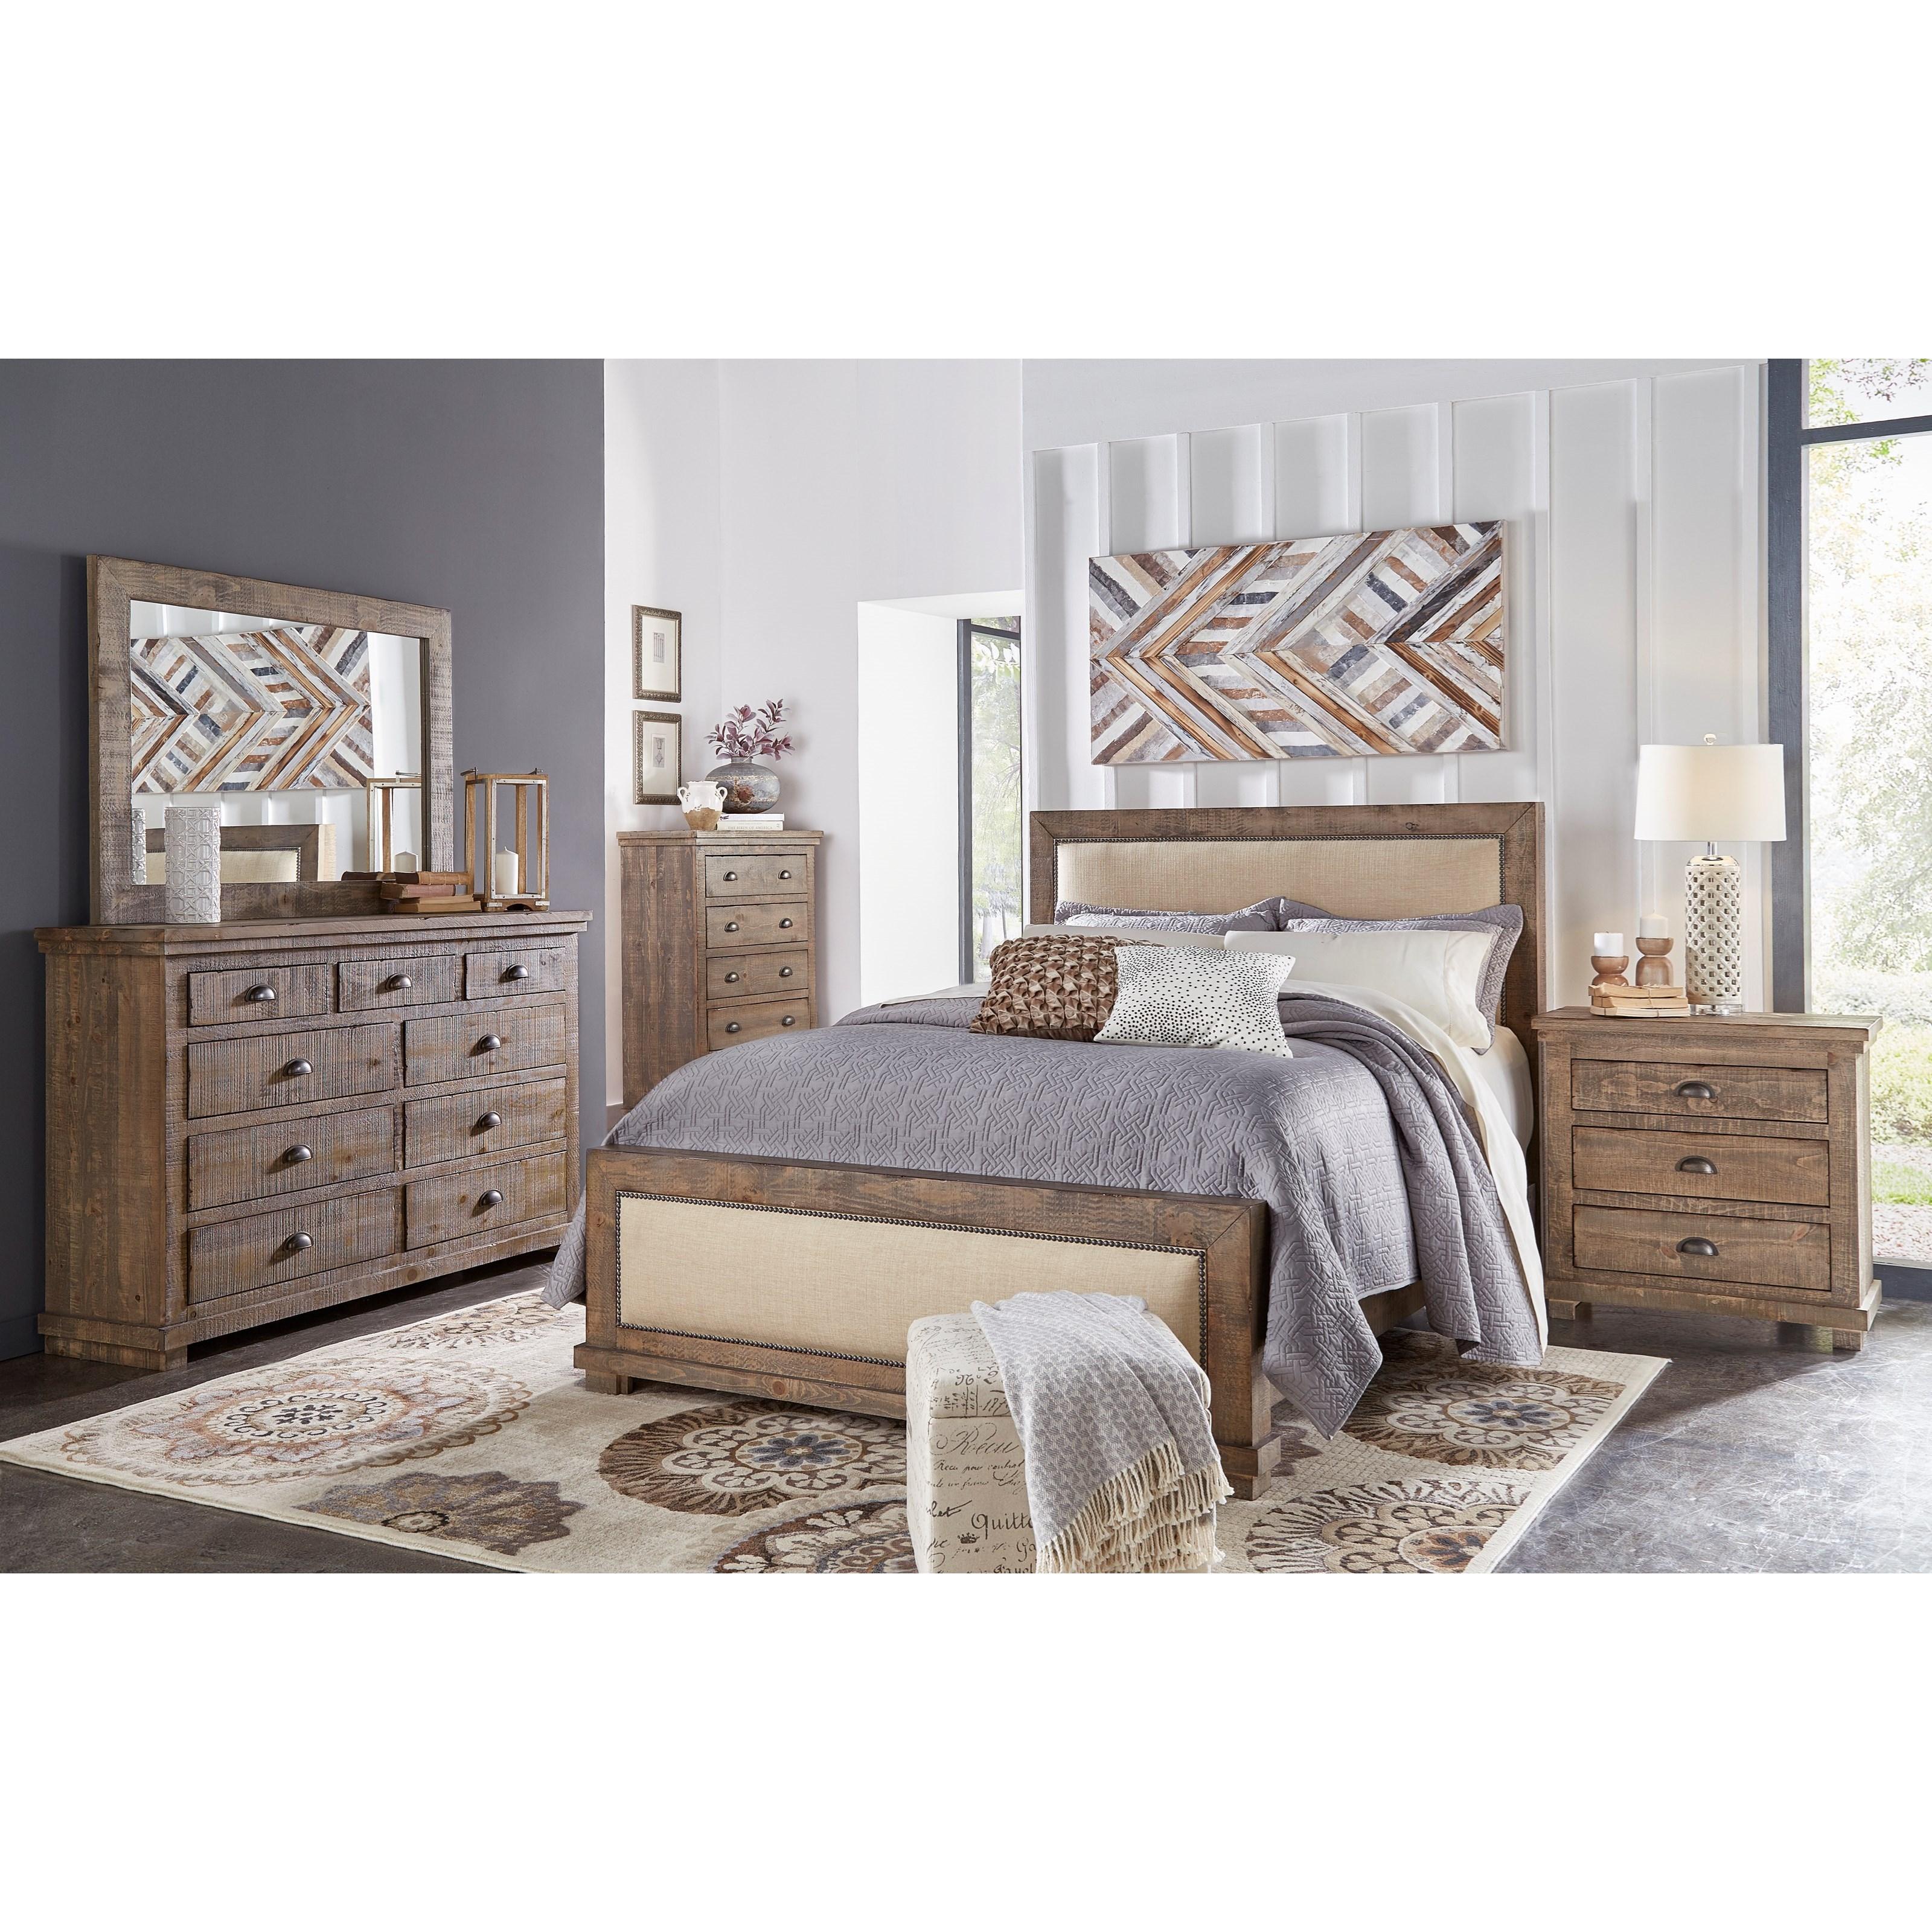 Progressive Furniture Willow King Bedroom Group Lindy S Furniture Company Bedroom Groups